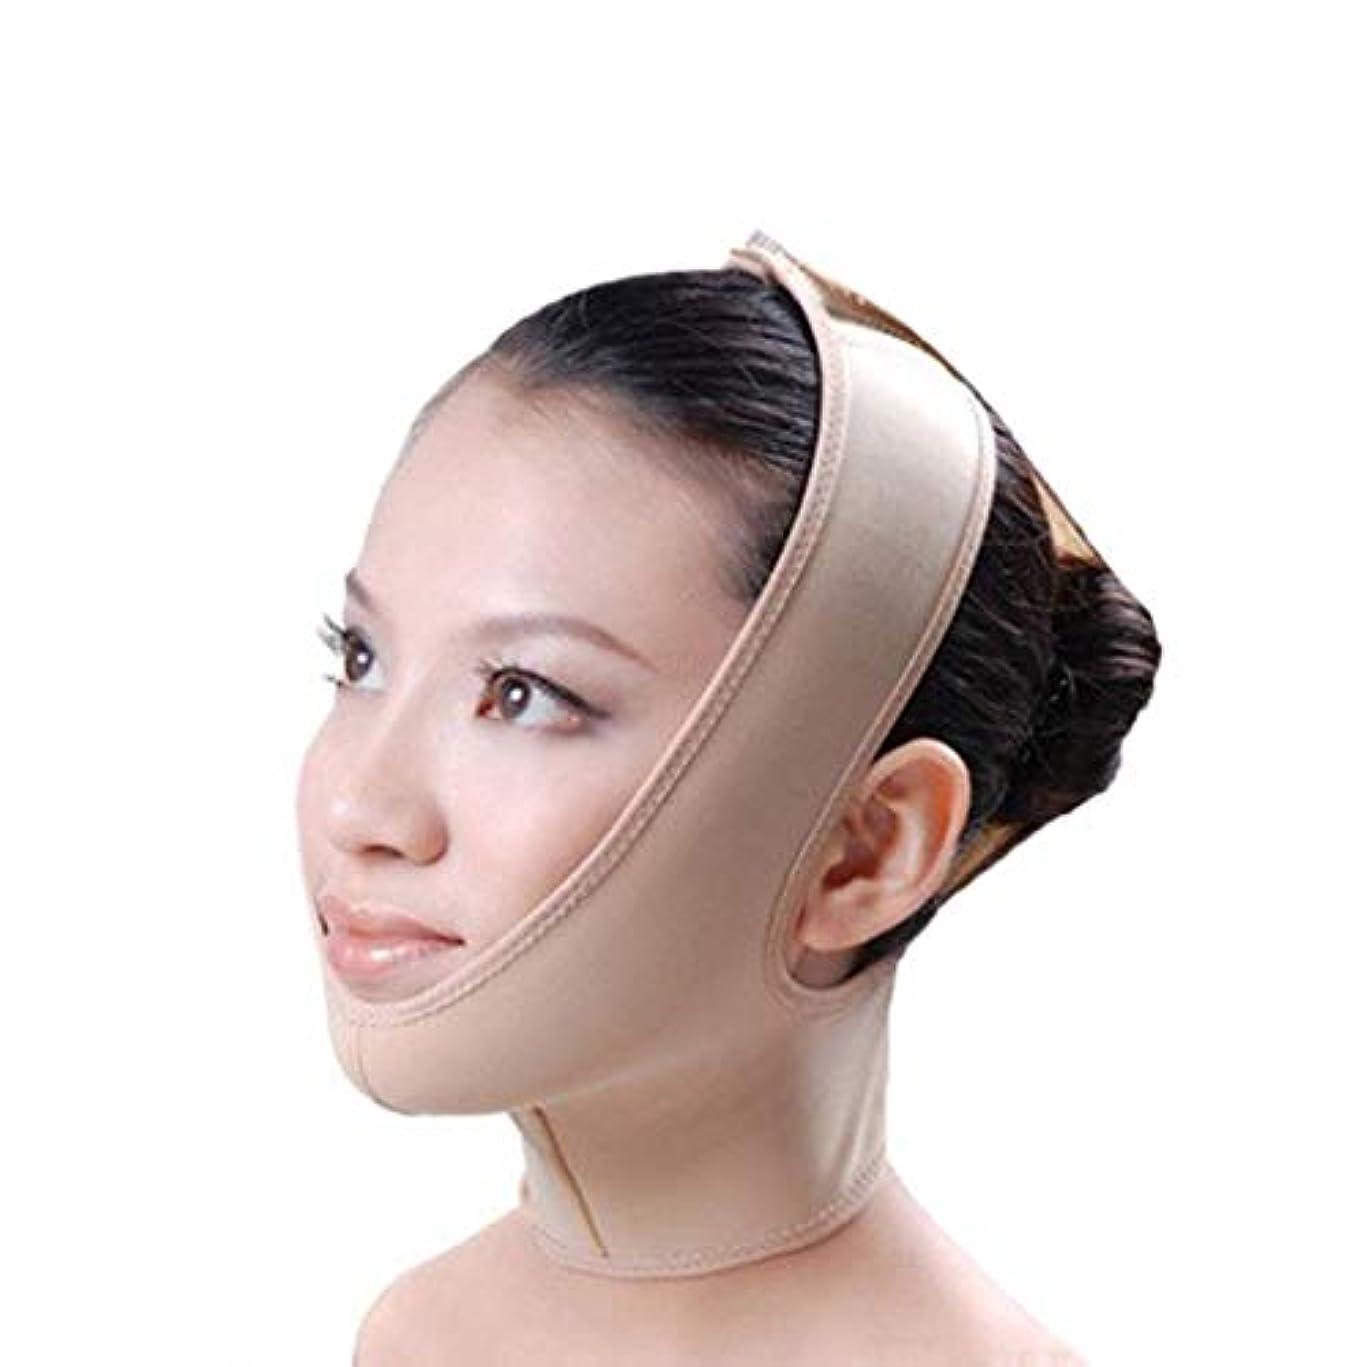 詳細に順応性のある懸念フェイススリム、リフティングマスク、包帯リフト、二重あご、引き締めフェイシャルリフト、フェイシャル減量マスク、リフティングスキン包帯(サイズ:XL),XL